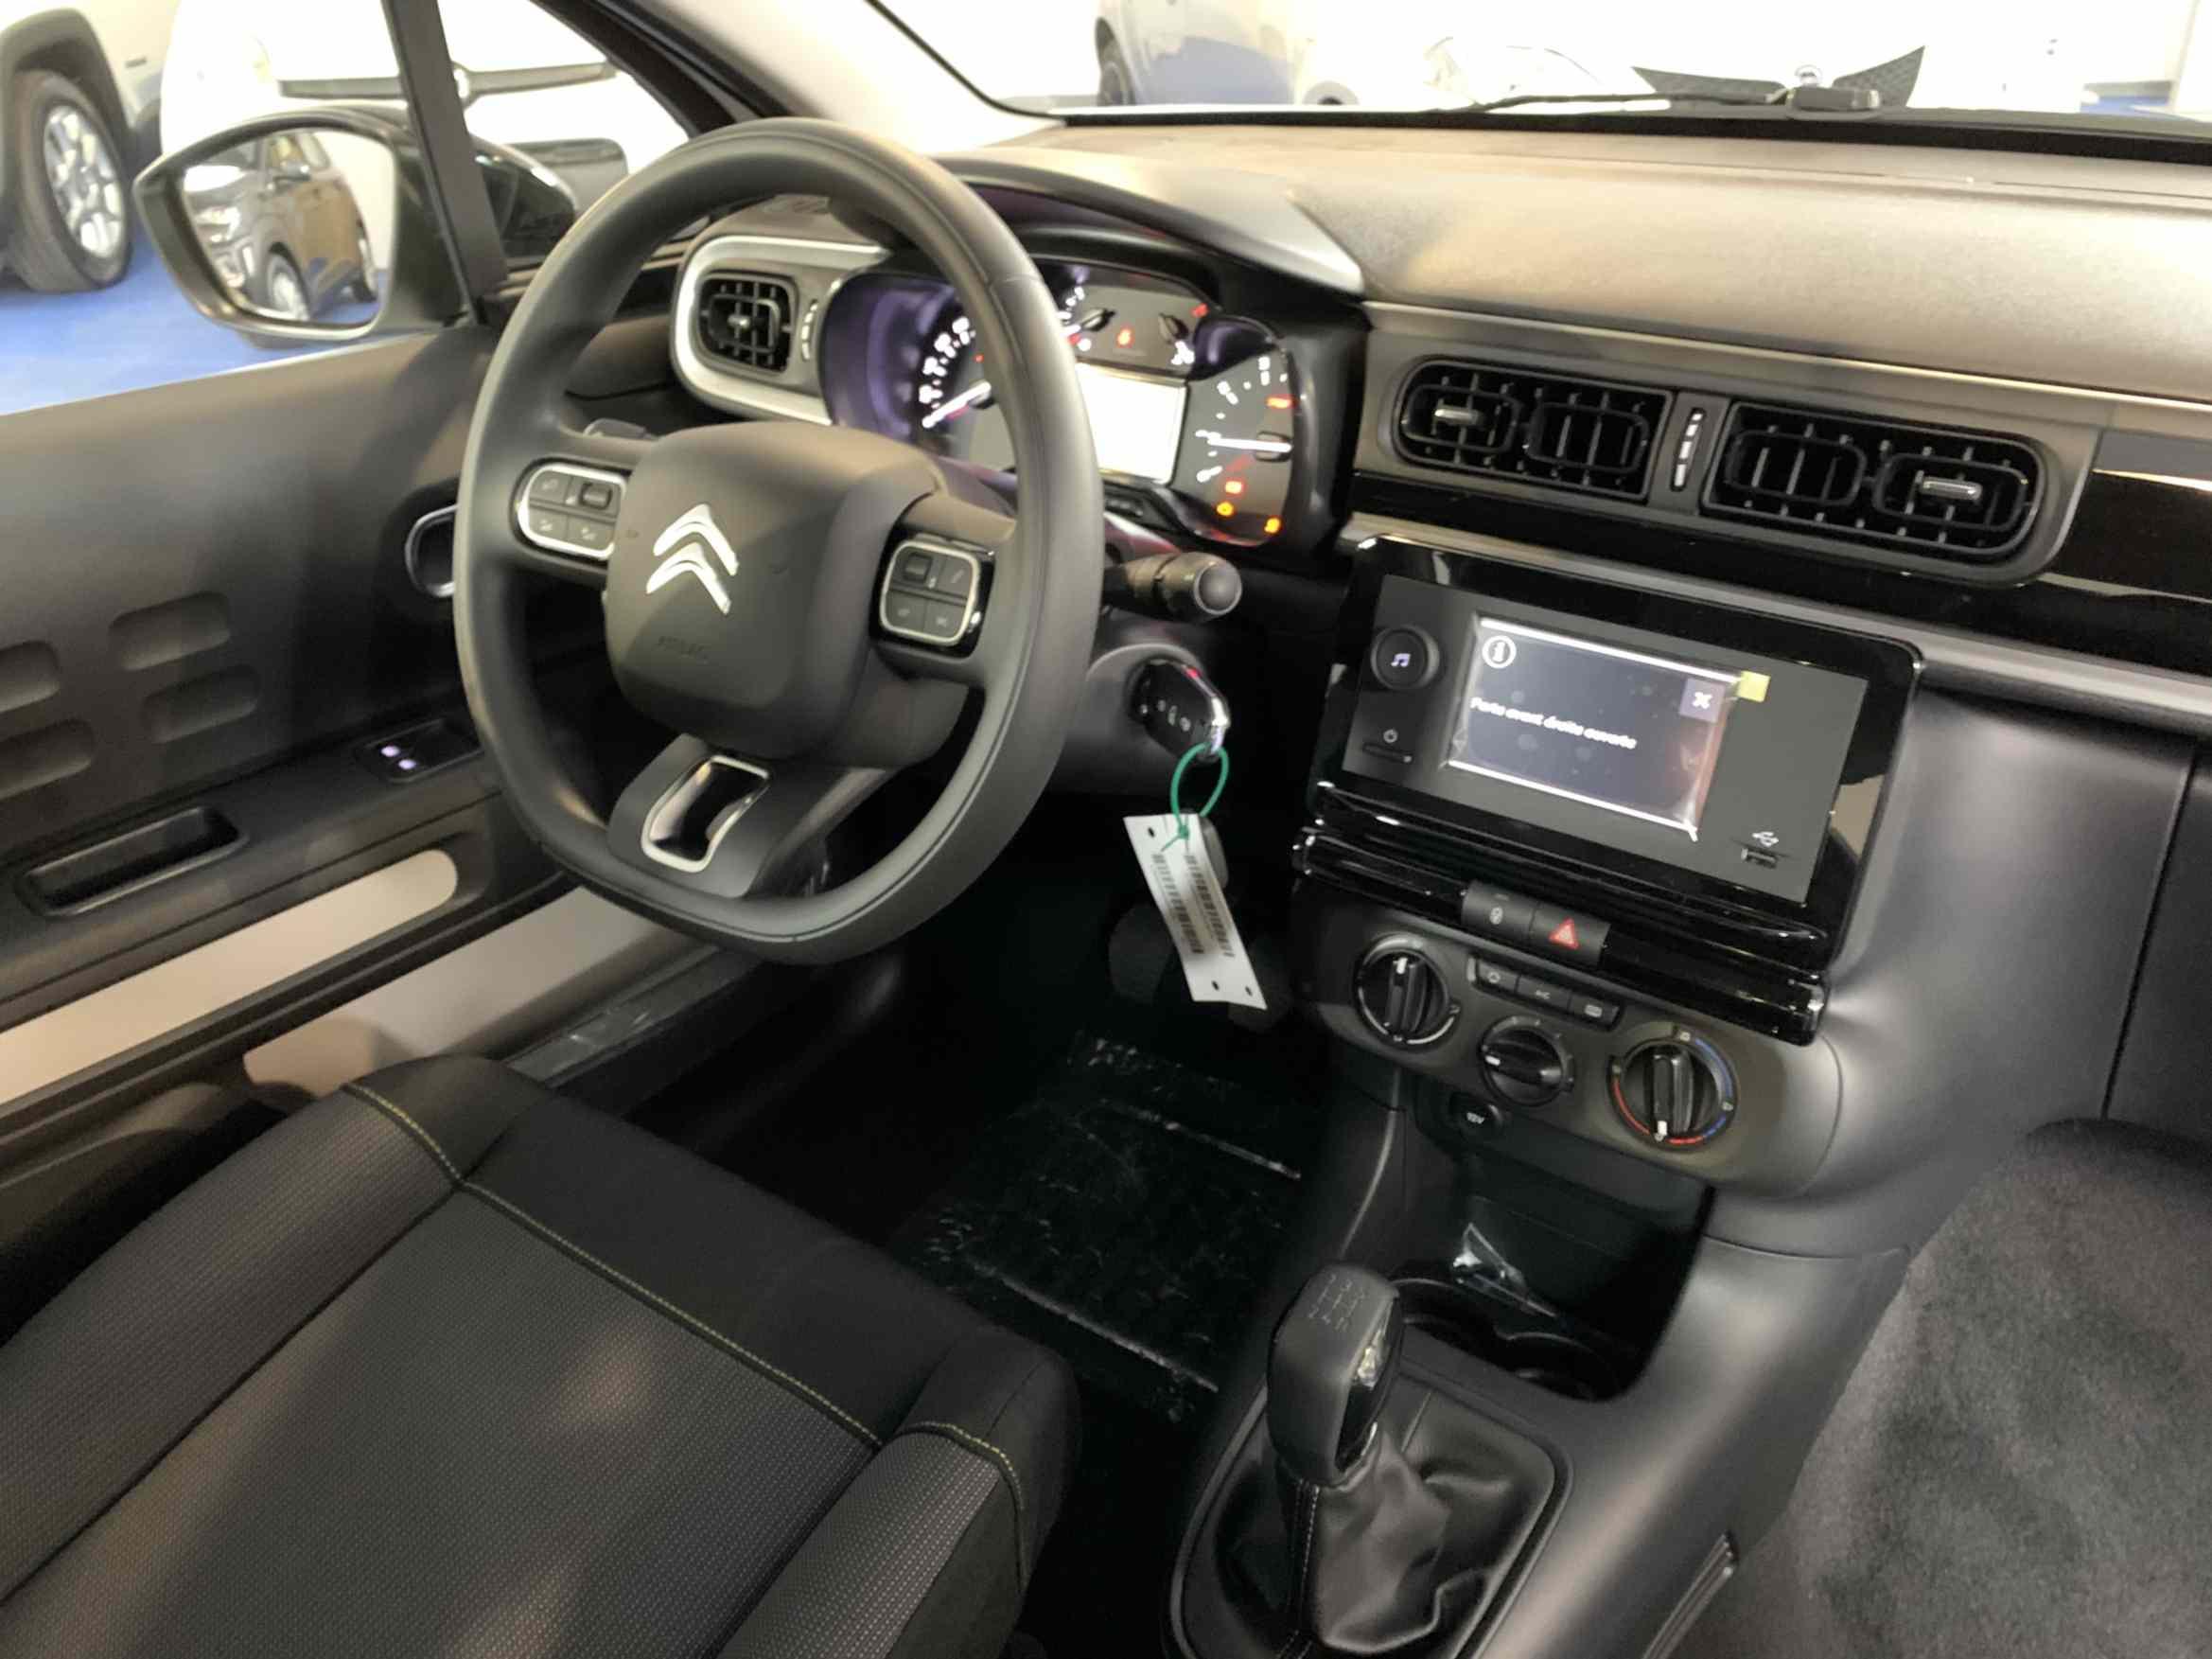 premium_vendita_auto_enna_sicilia_9